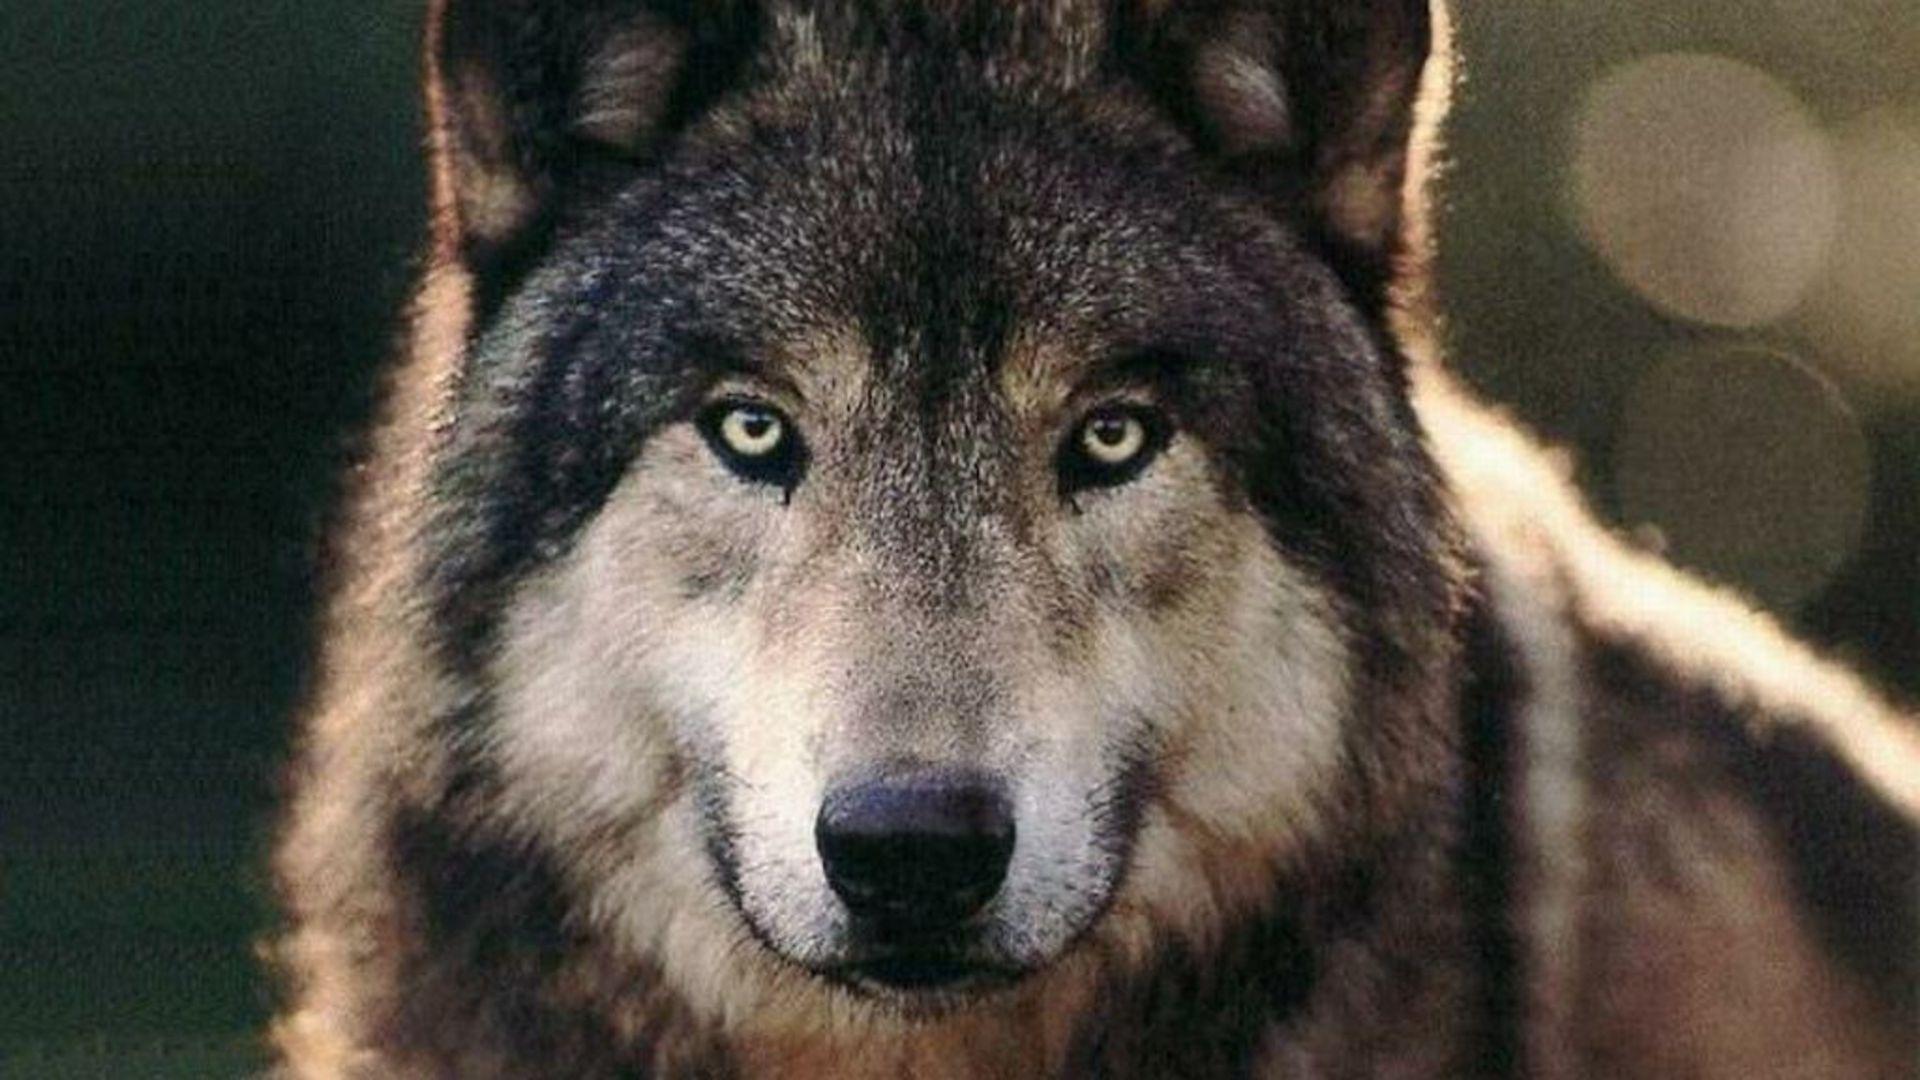 Download Wolf Wallpaper 1920x1080 Wallpoper 270684 1920x1080